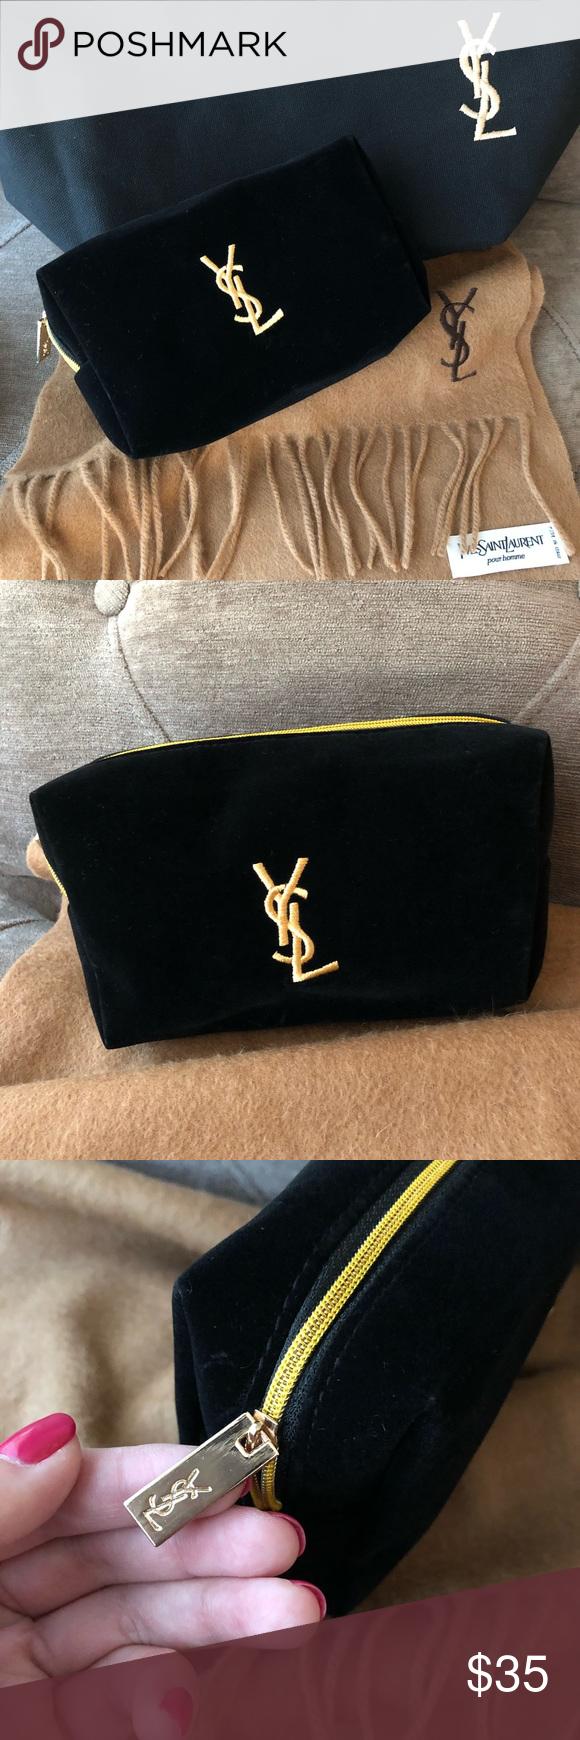 557d9c457f6d Authentic NWOT Yves YSL Black Velvet Makeup bag Authentic NWOT YSL Black  Velvet Makeup bag.